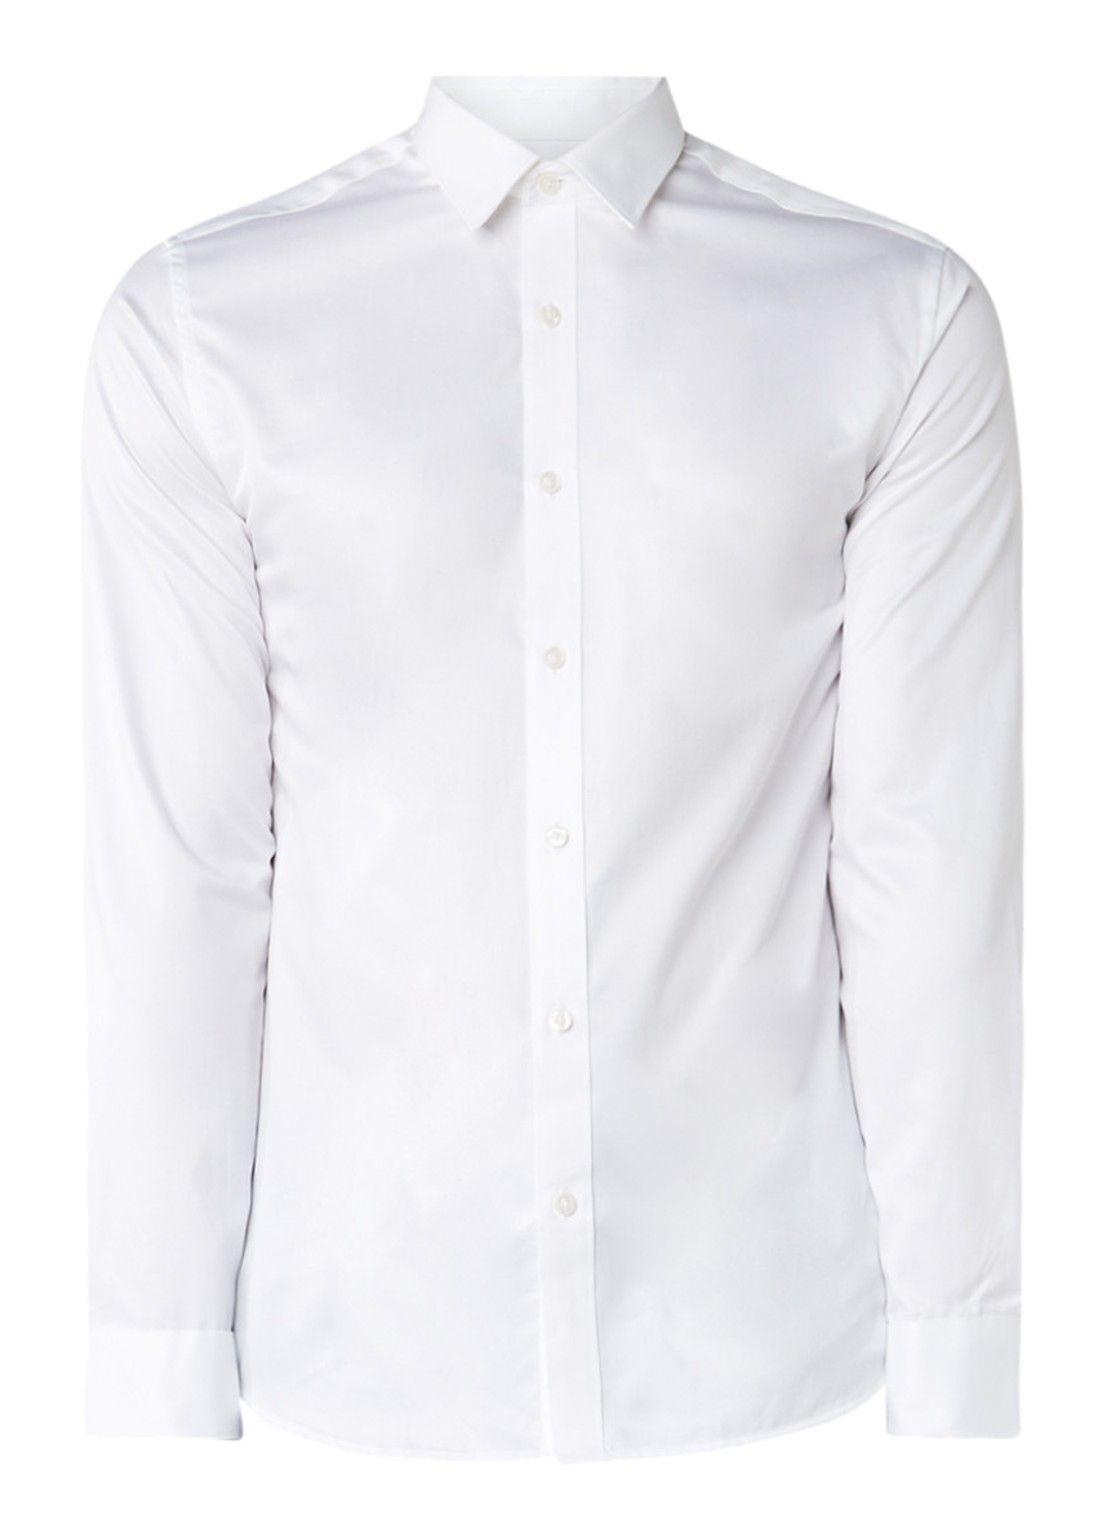 Heren kleding kopen